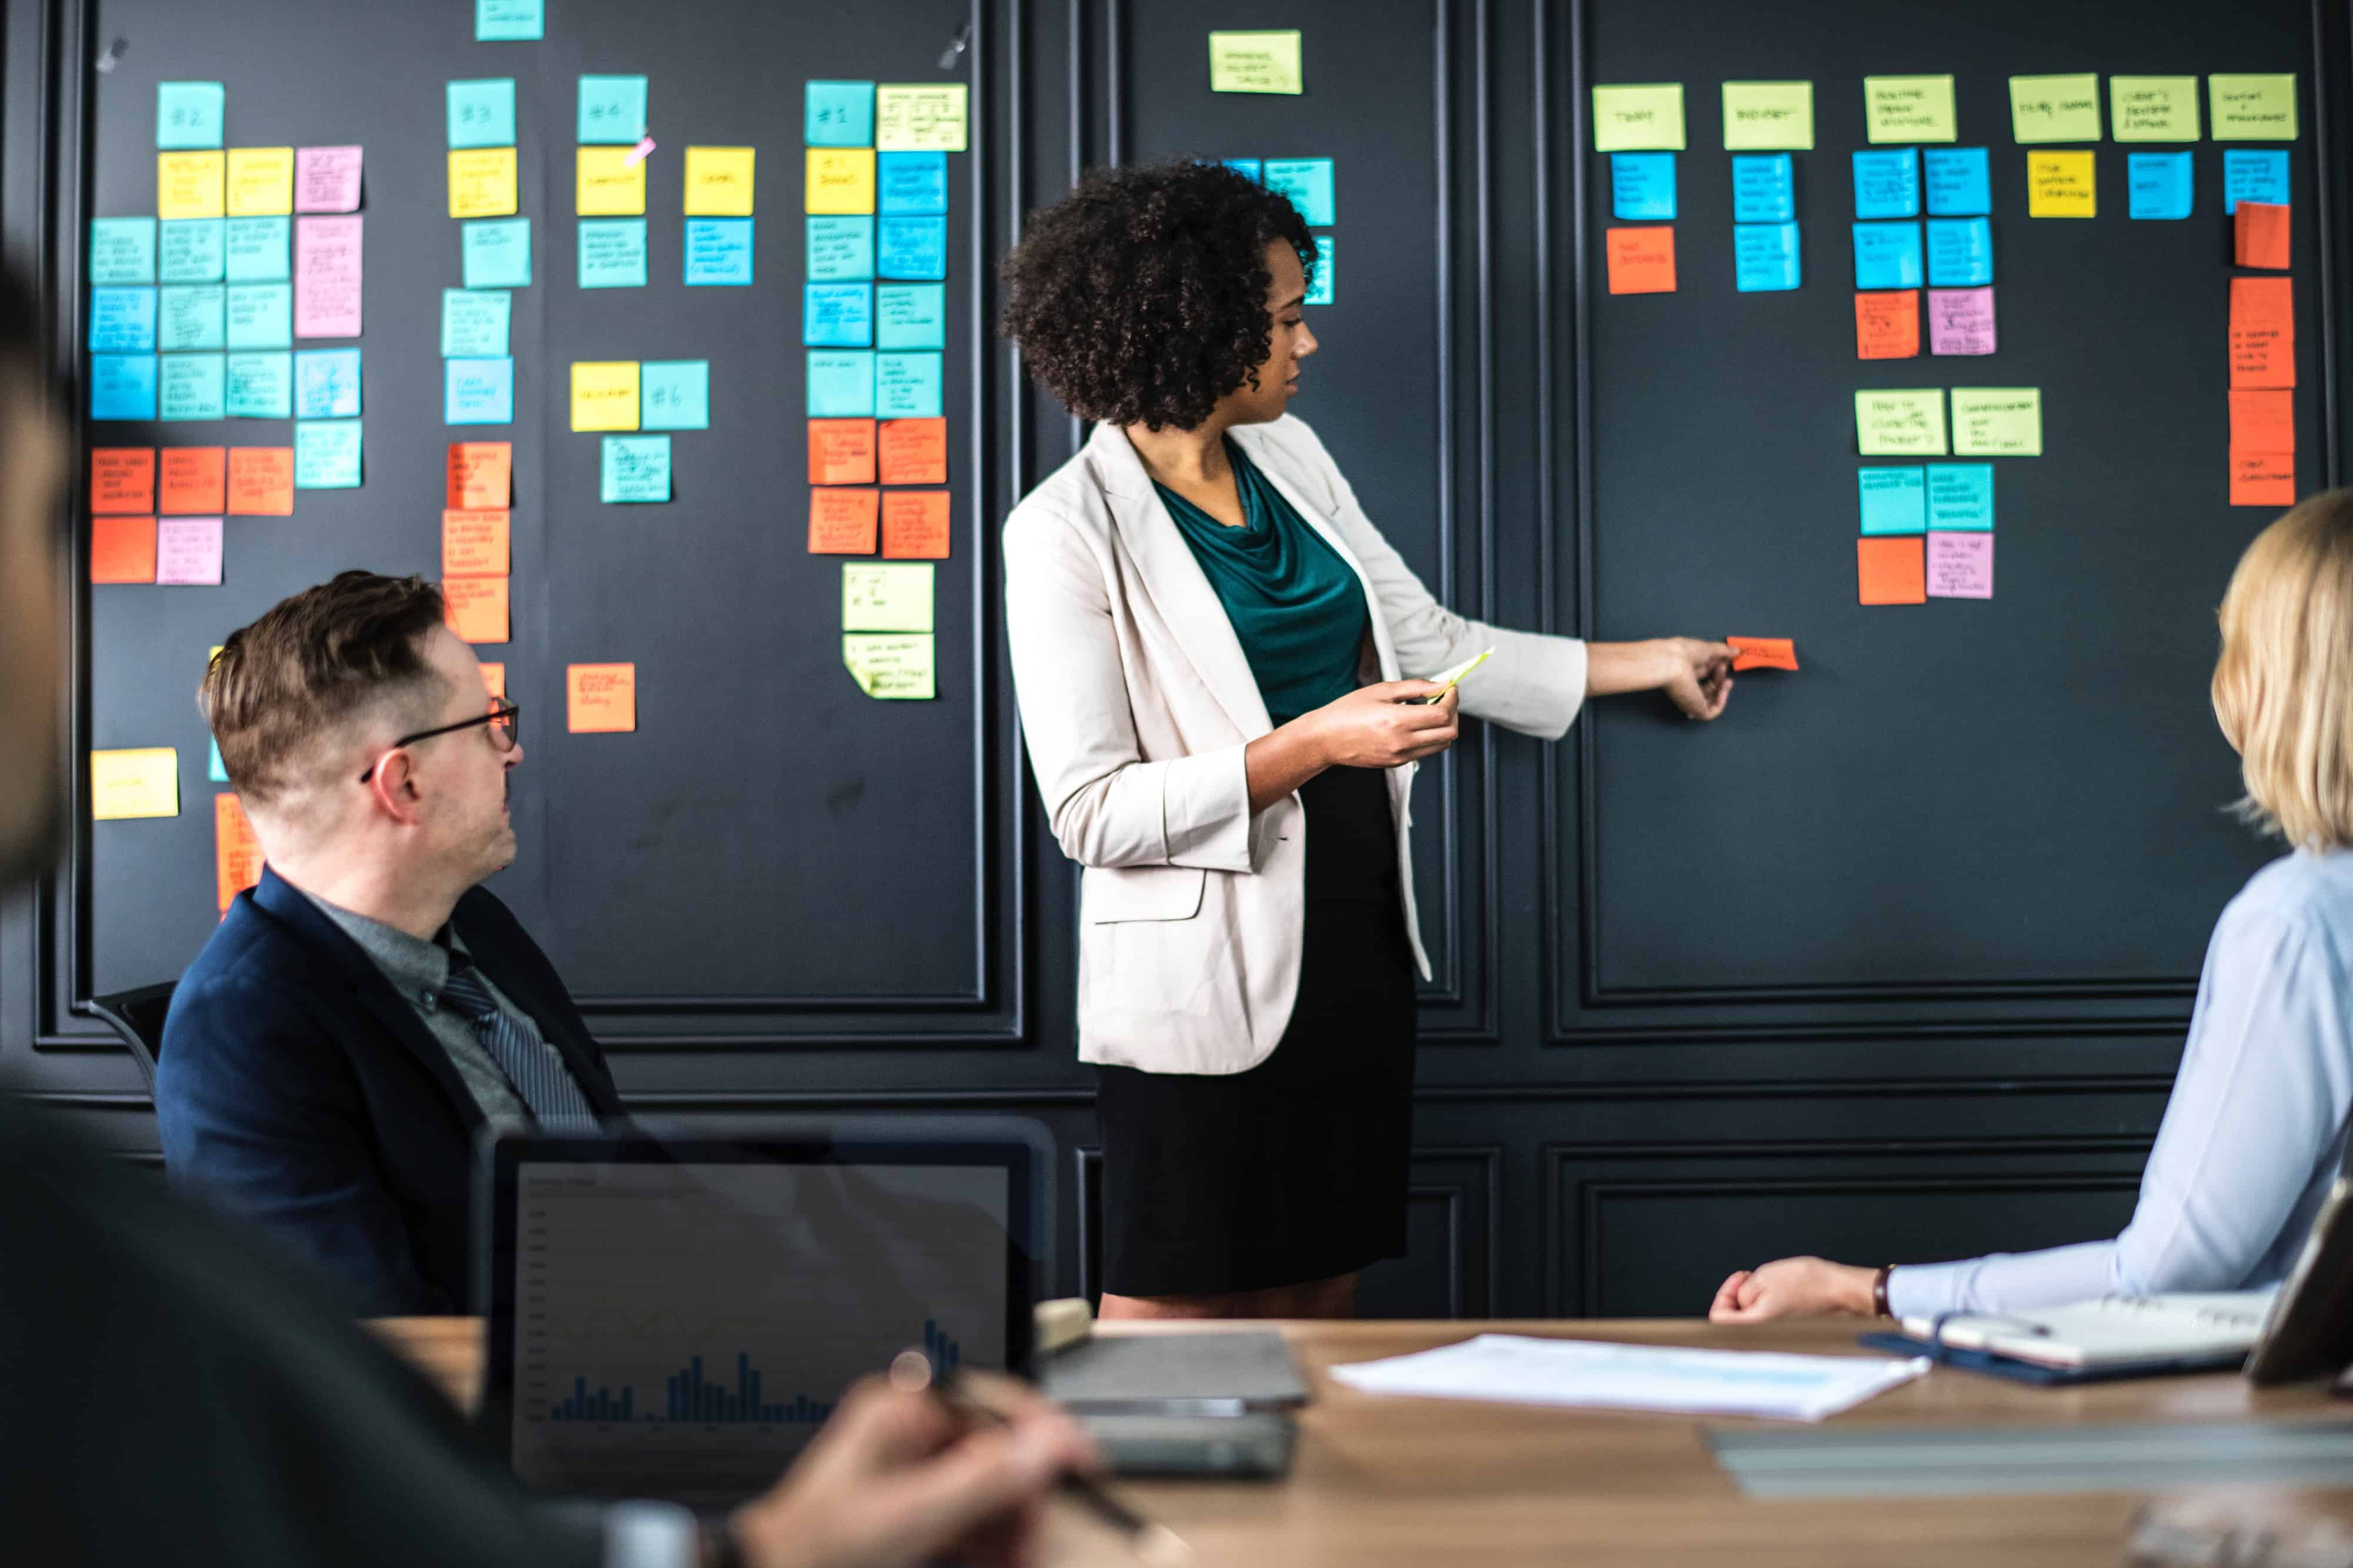 Customer Support - Workshop